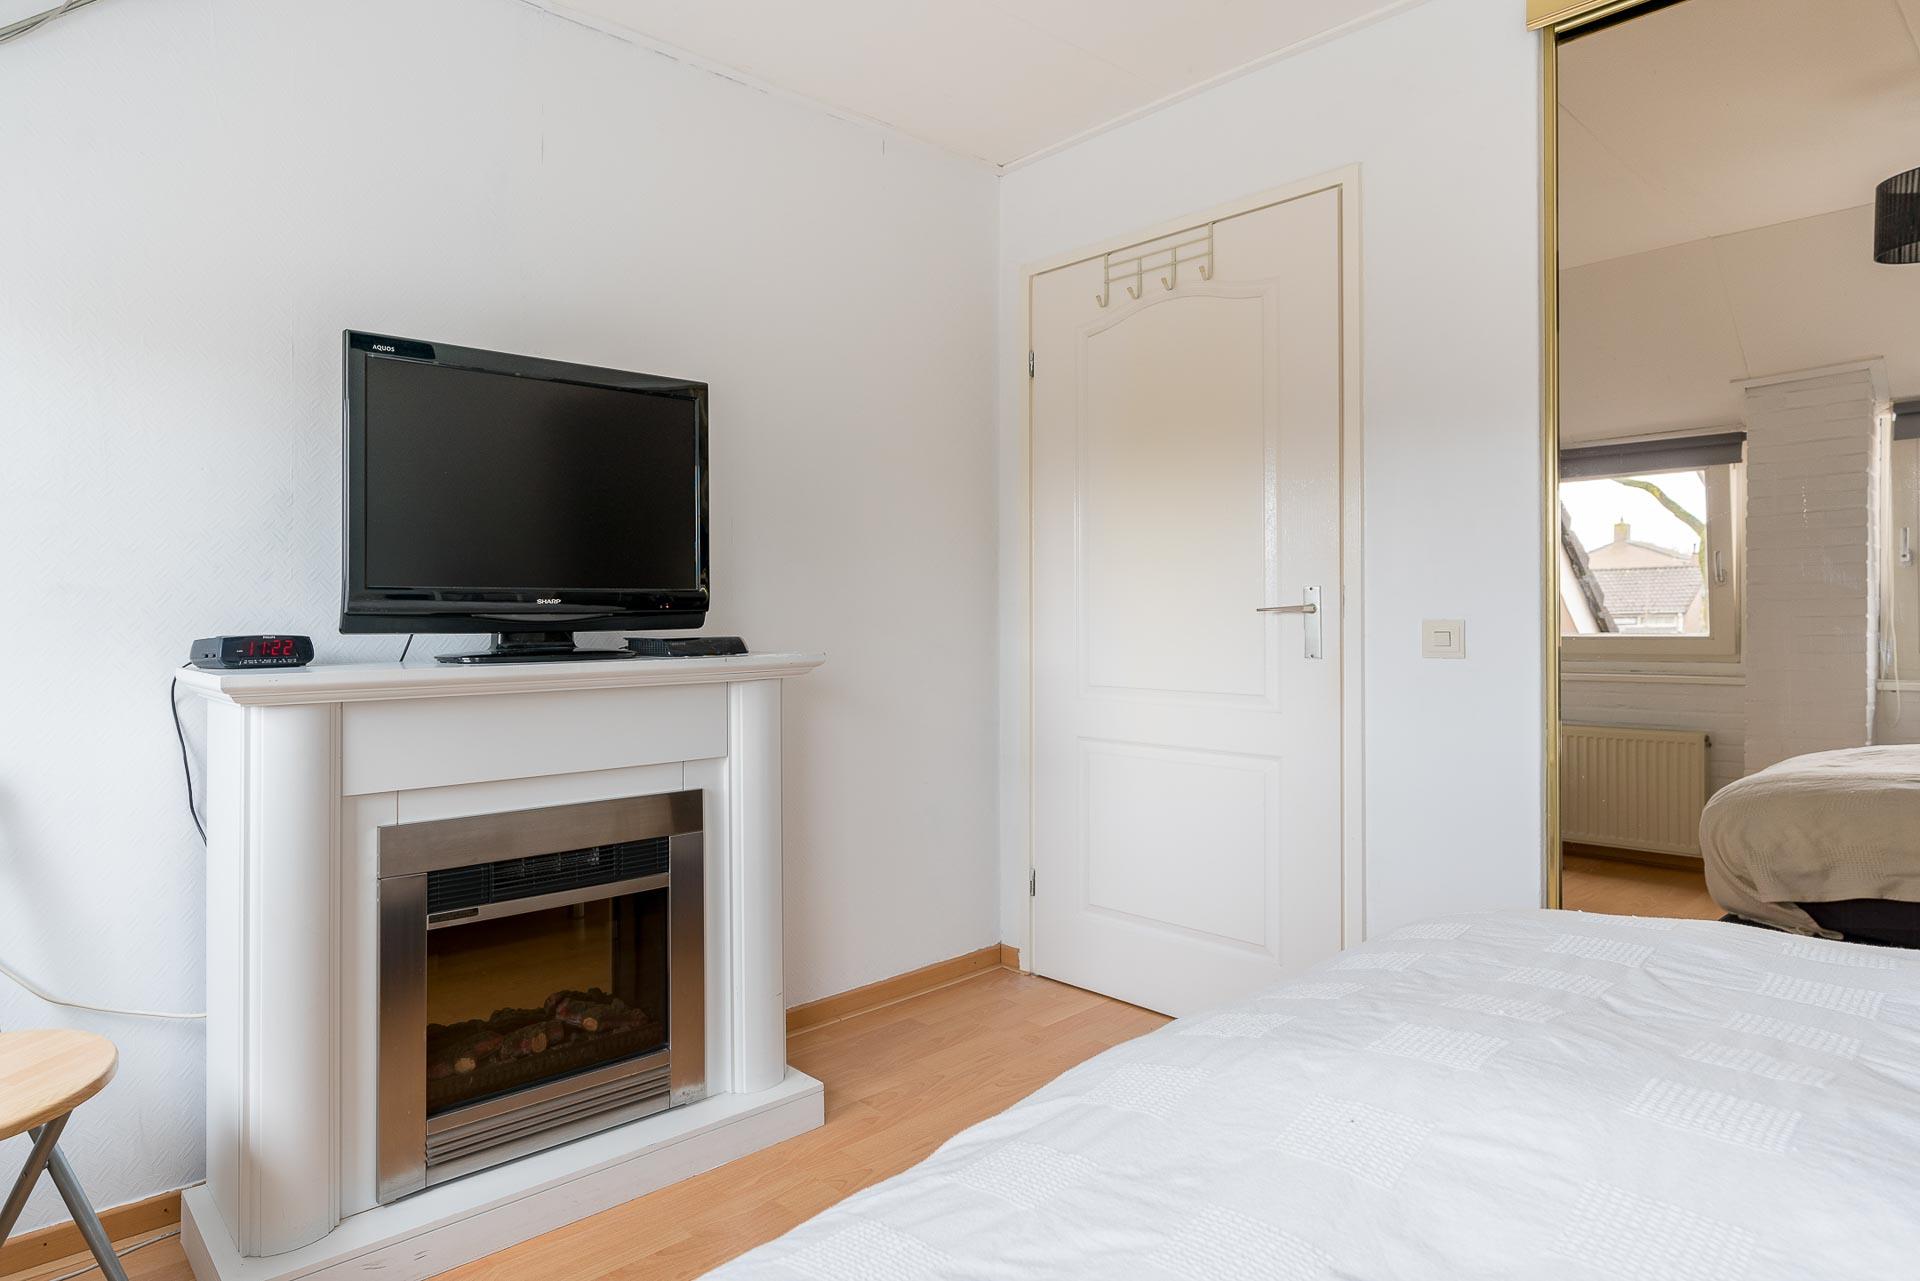 Groenkampen 54,Westerbork,Drenthe,1981 Bedrooms Bedrooms,7 BadkamerBadkamer,Eengezinswoning,Groenkampen,3,1065